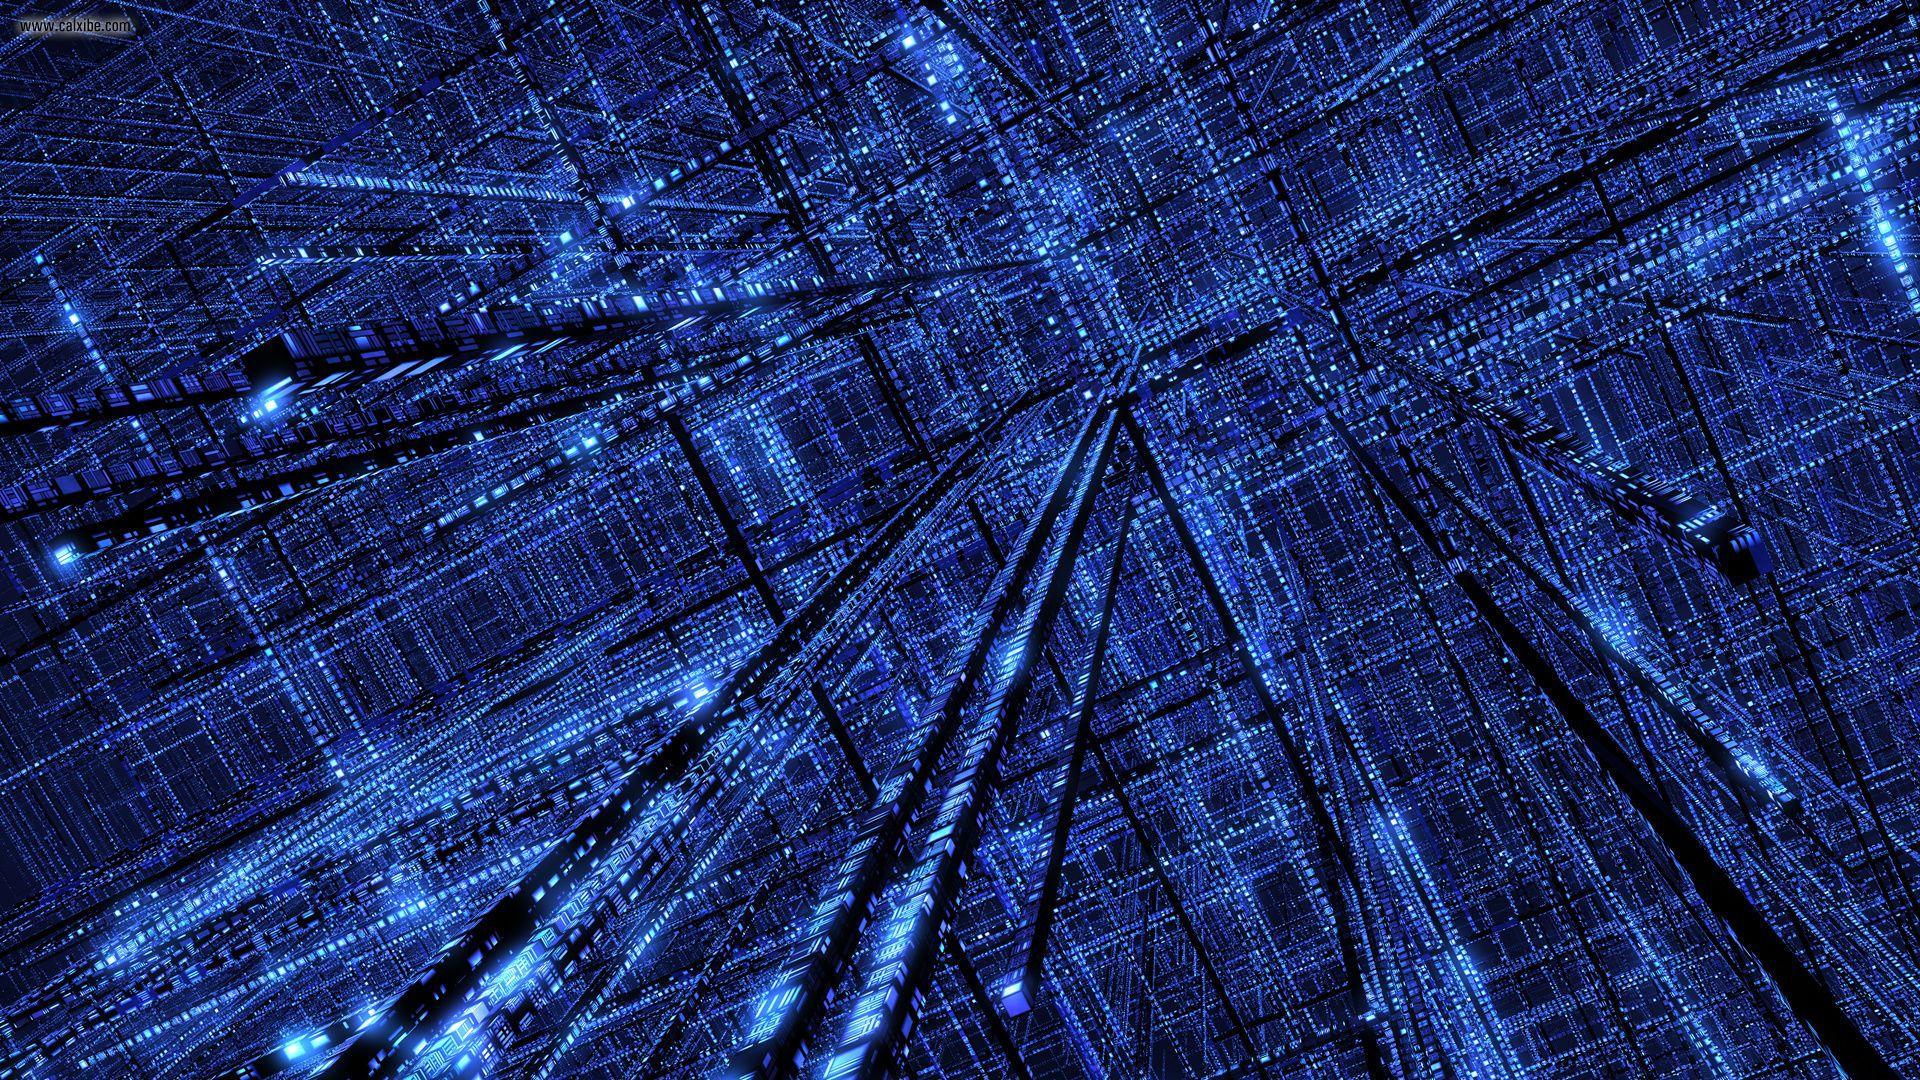 Abstract binary blue digital art matrix wallpaper background abstract binary blue digital art matrix wallpaper voltagebd Gallery